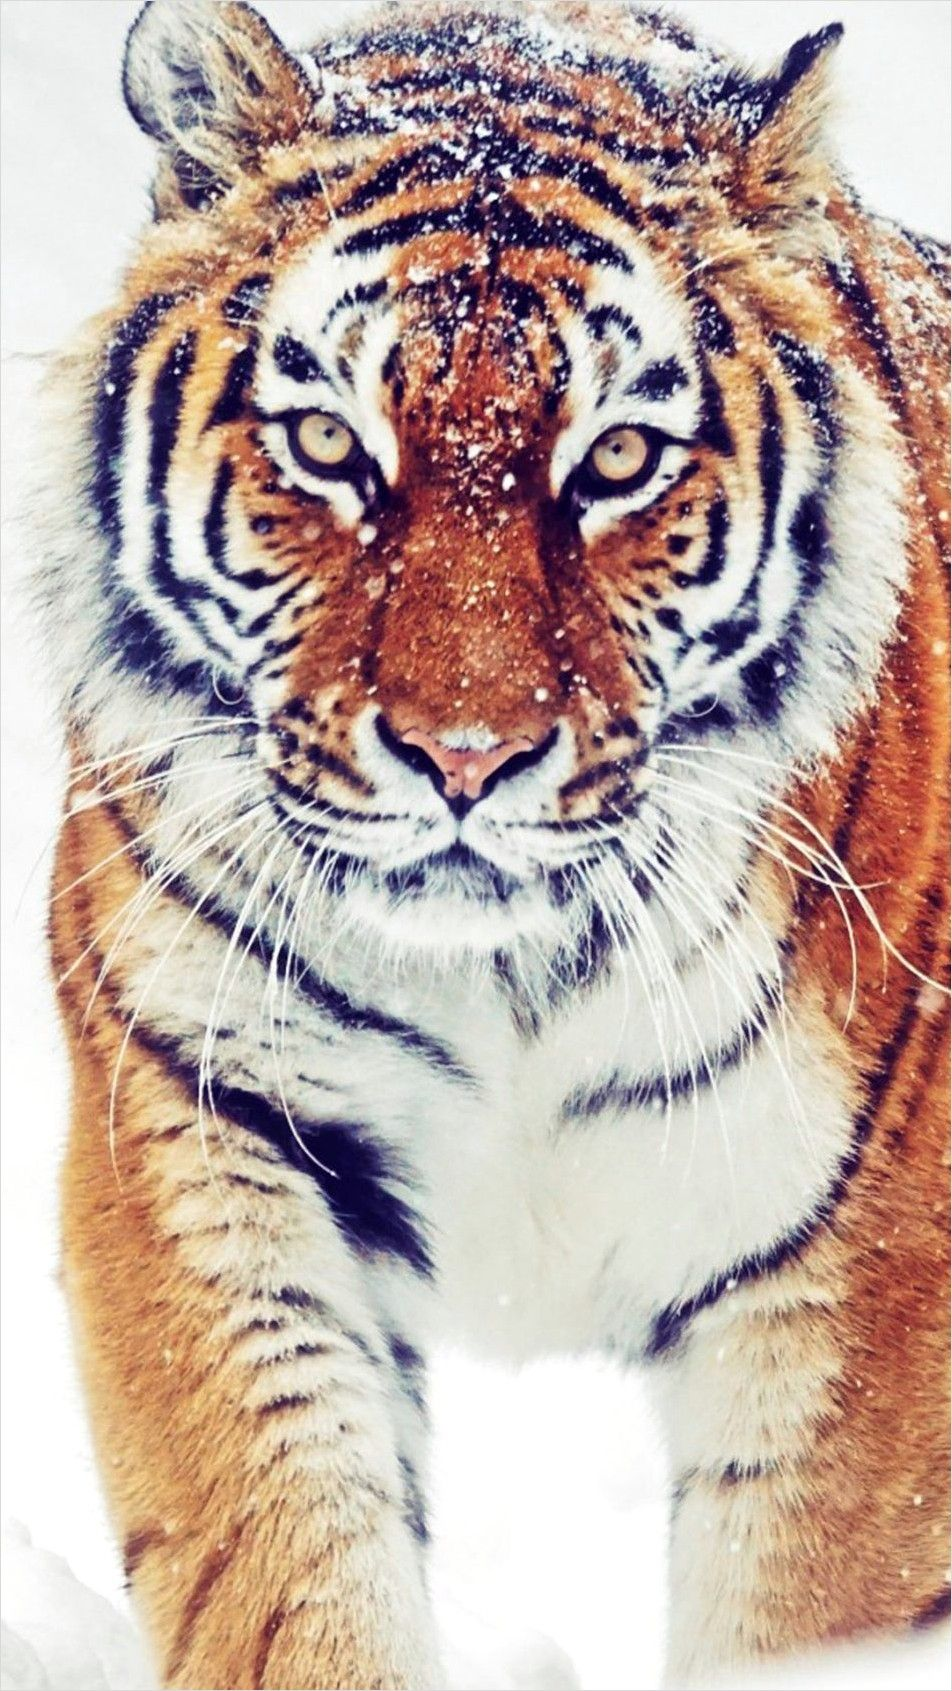 4k Animal Wallpaper For Mobile In 2020 Siberian Tiger Animal Wallpaper Tiger Wallpaper